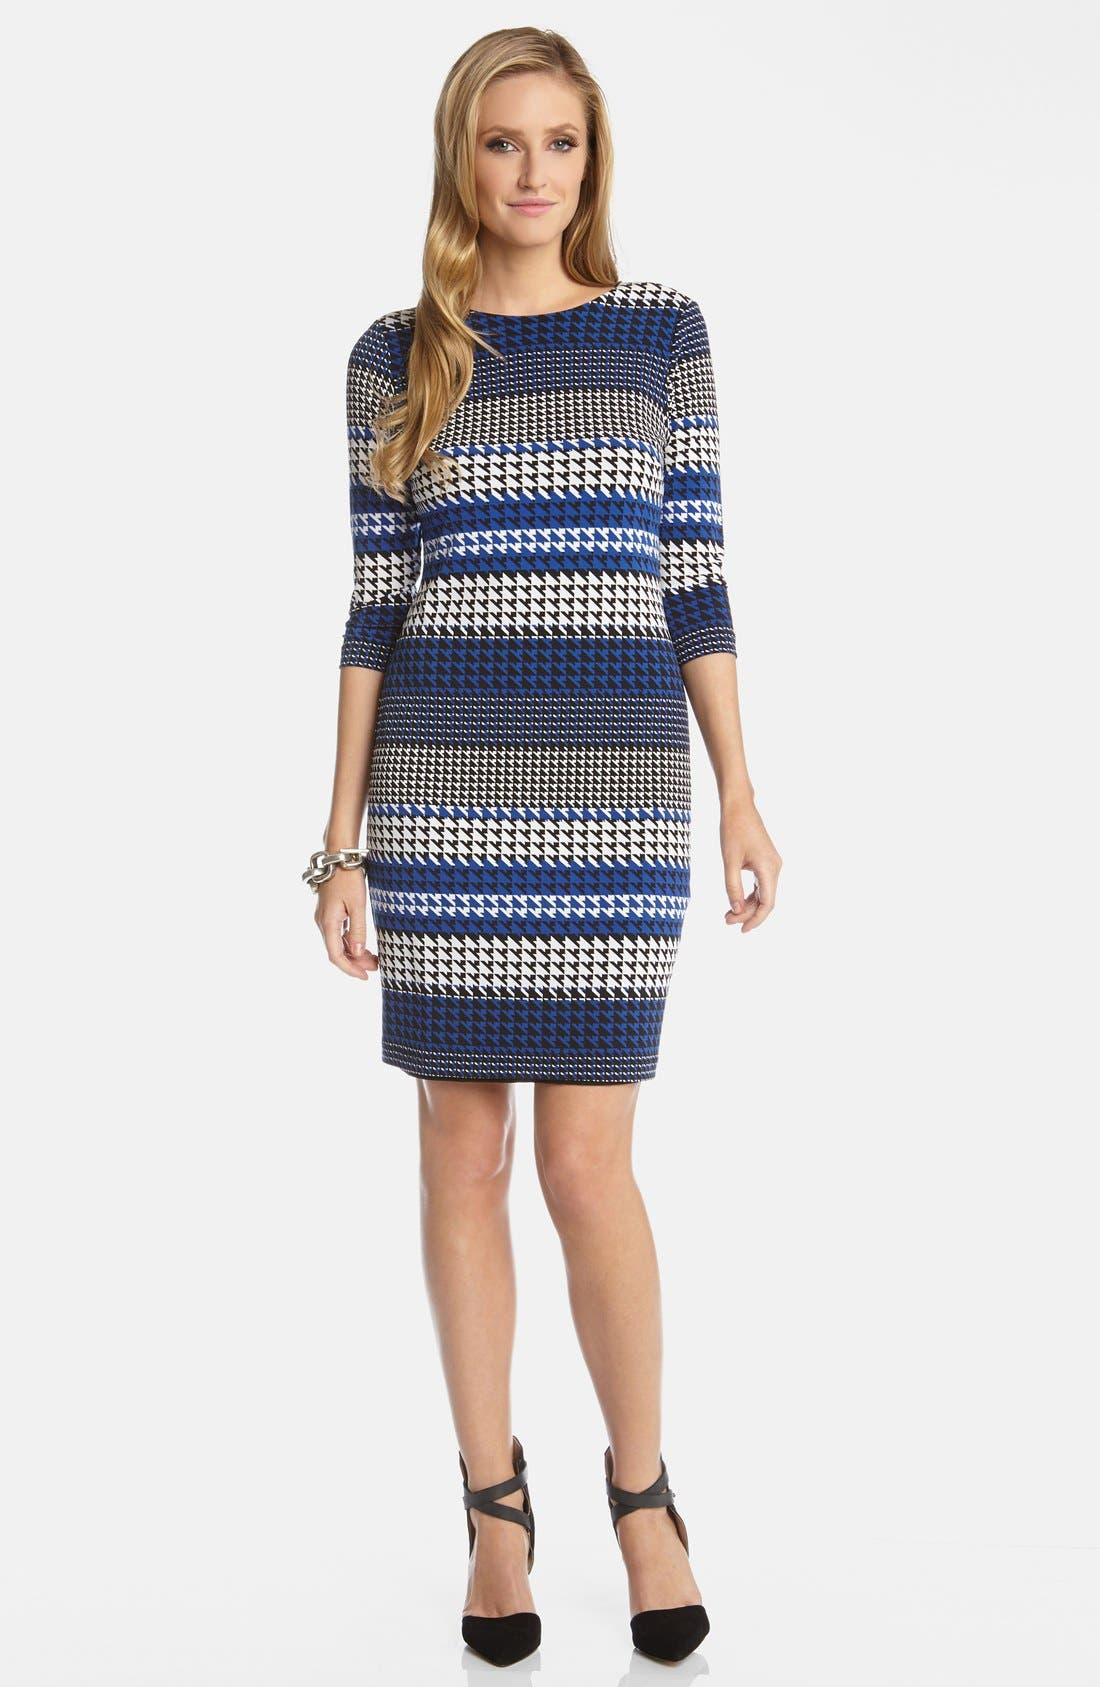 Alternate Image 1 Selected - Karen Kane 'Lunar Houndstooth' Stripe Print Stretch Knit Sheath Dress